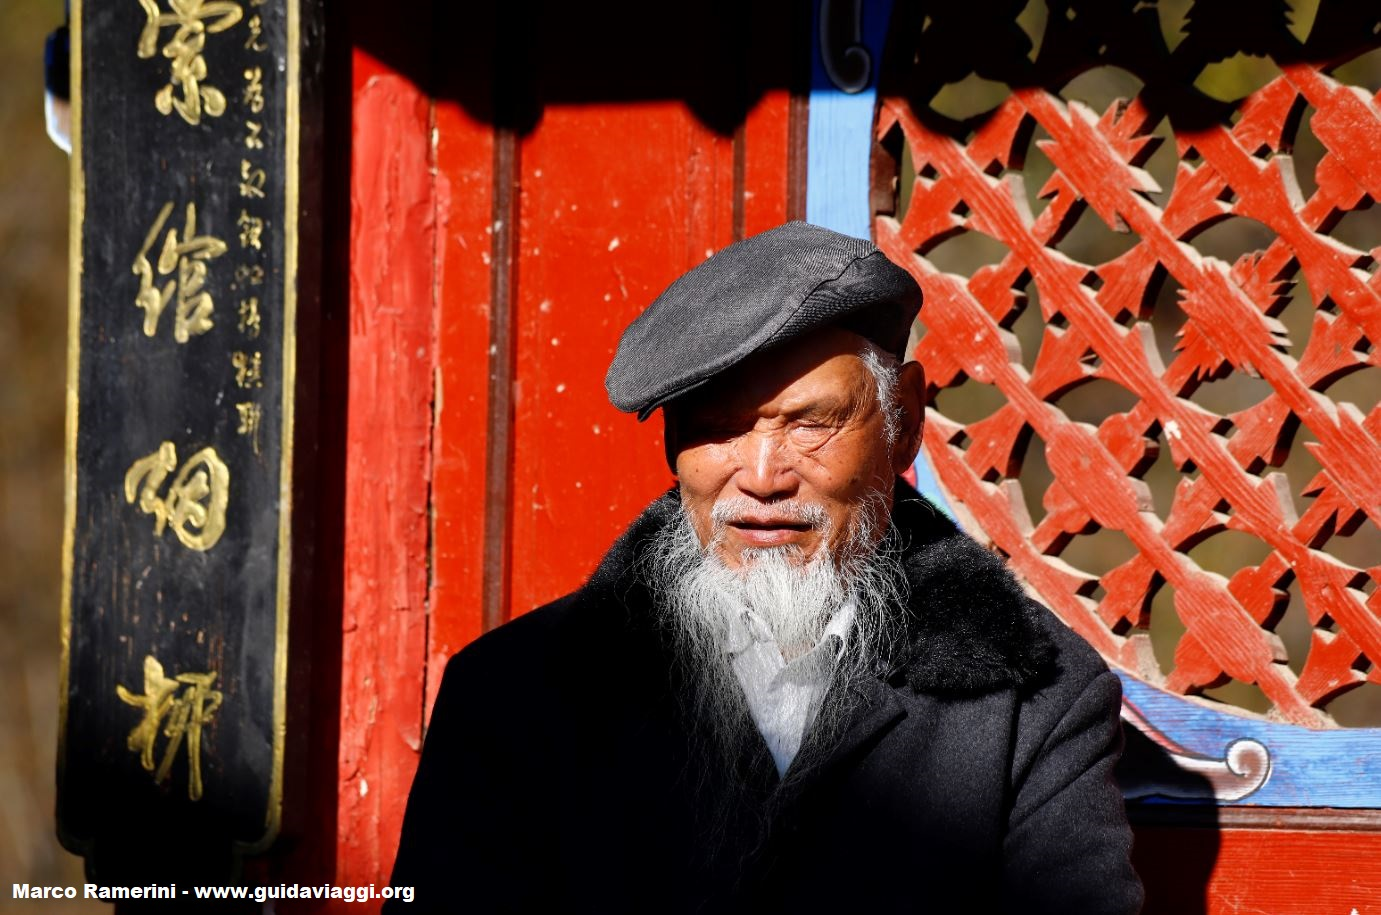 Homme, Shigu, Yunnan, Chine. Auteur et Copyright Marco Ramerini